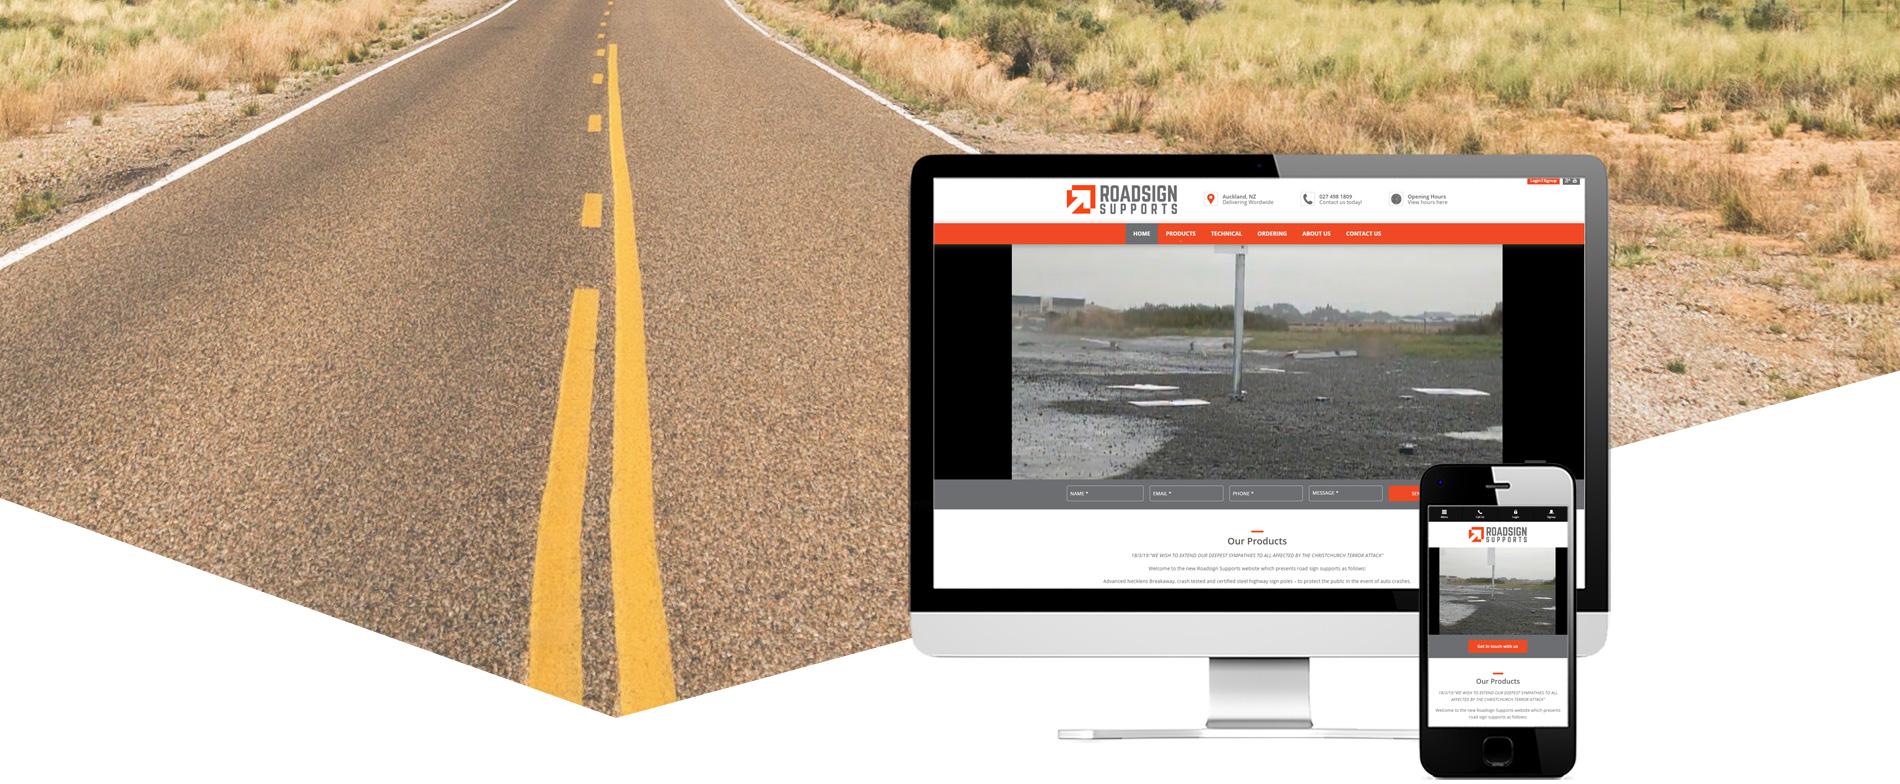 Website design banner for Roadsign Supports